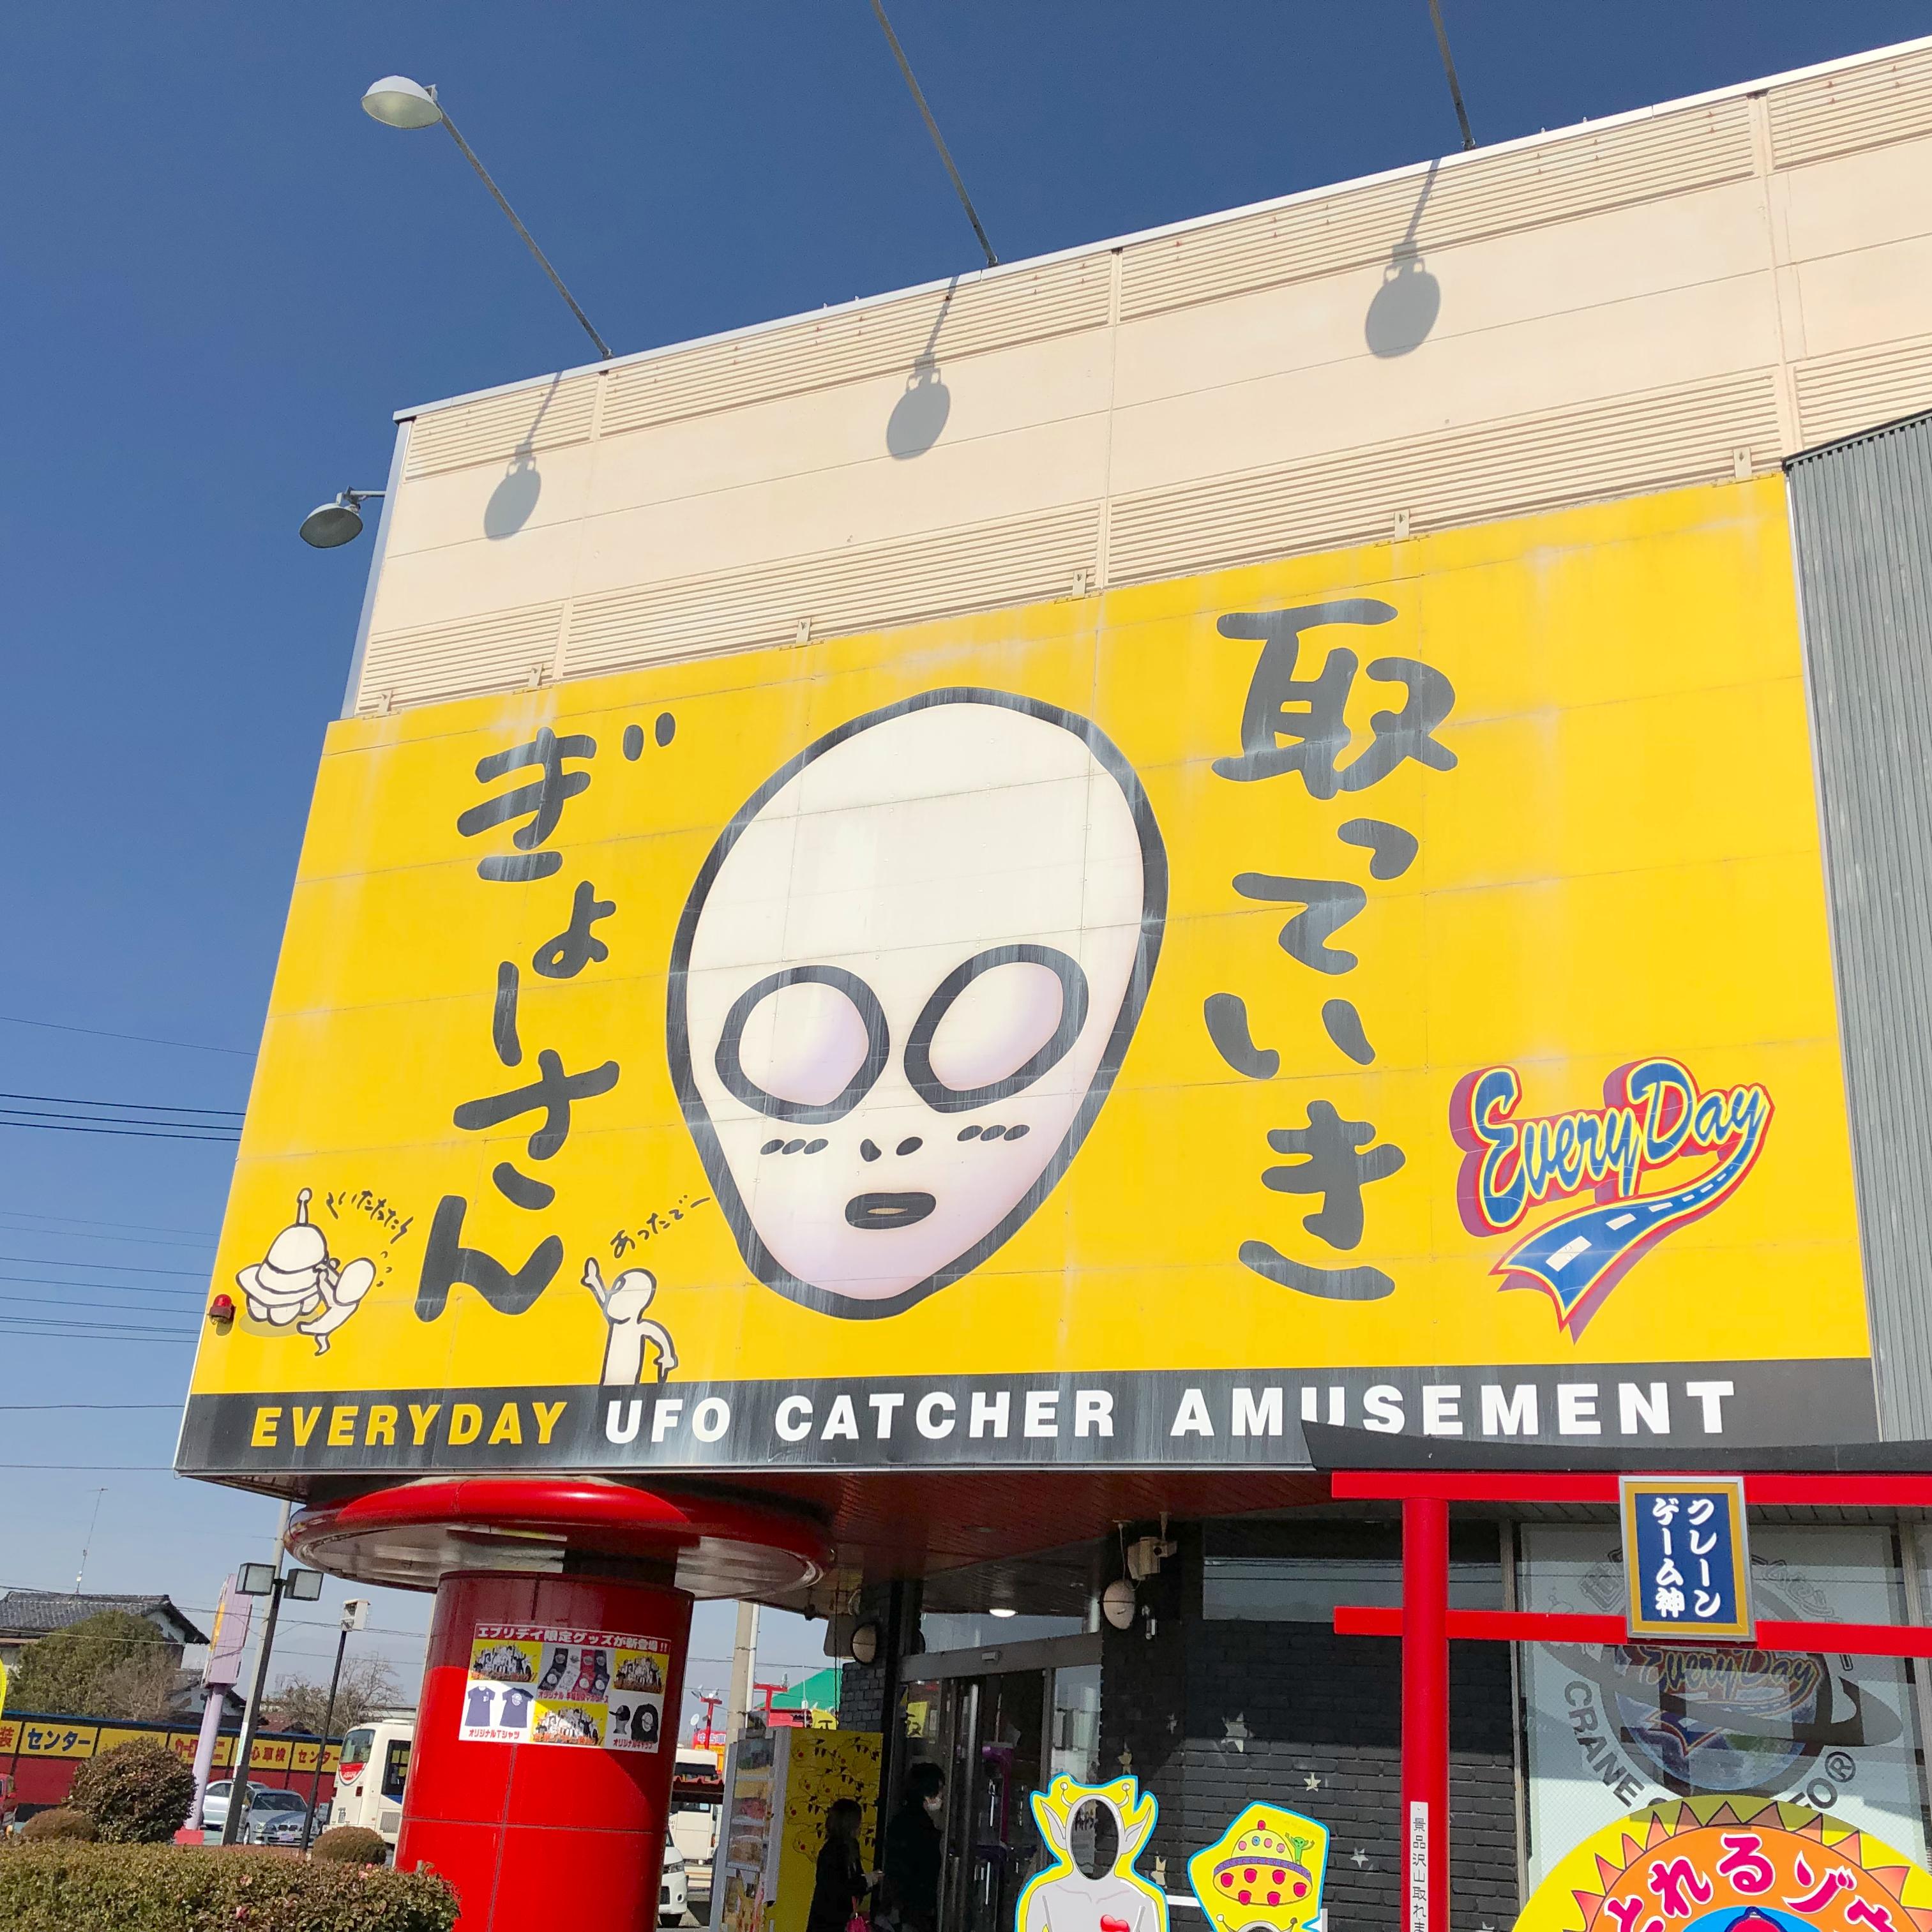 エブリデイ行田店は初心者でも面白い?UFOキャッチャー数世界一の珍スポットを調査!